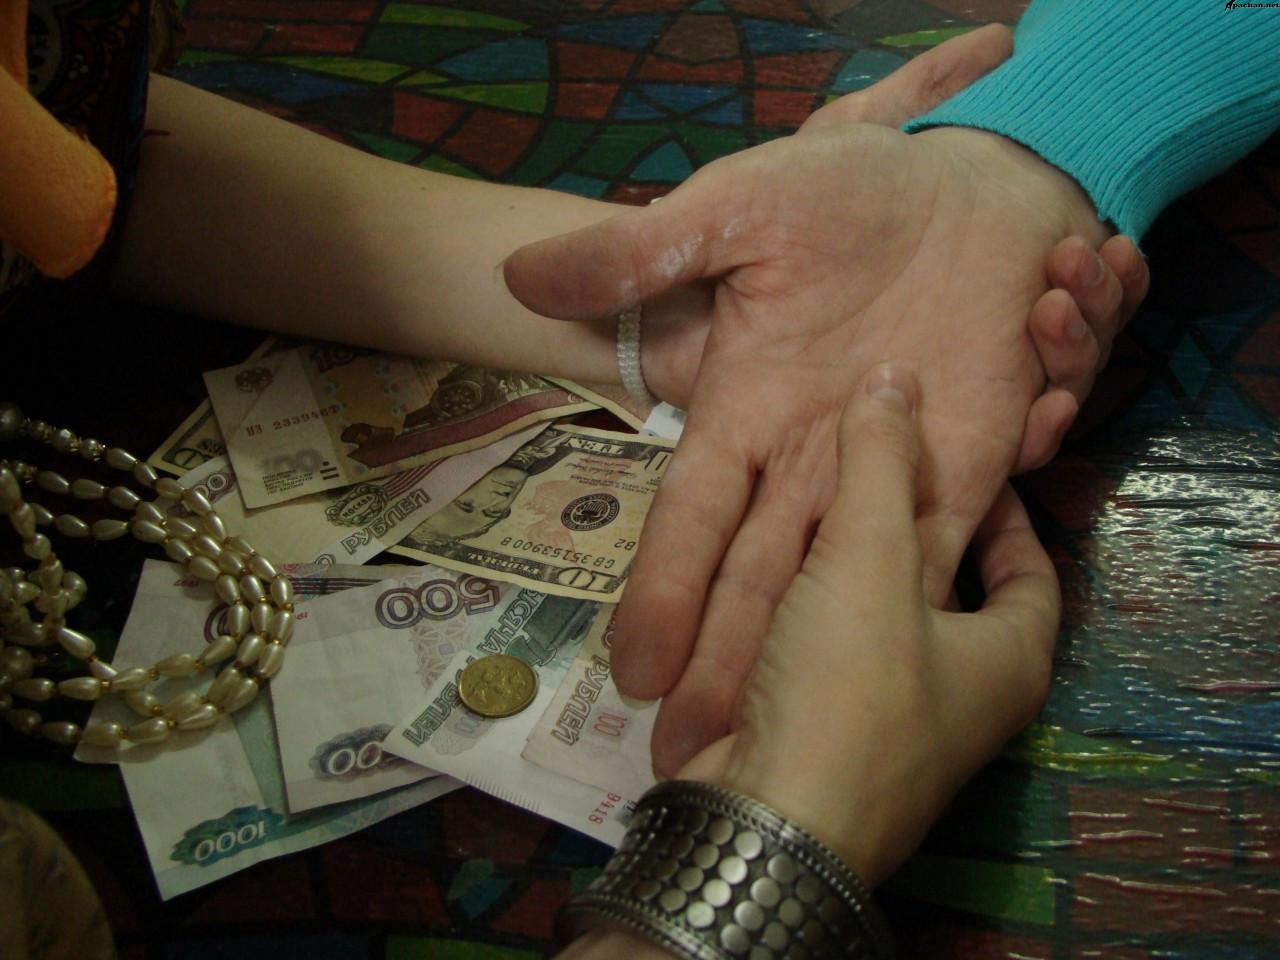 ВКузбассе цыганка-мошенница обманула школьницу на15 тыс. руб.